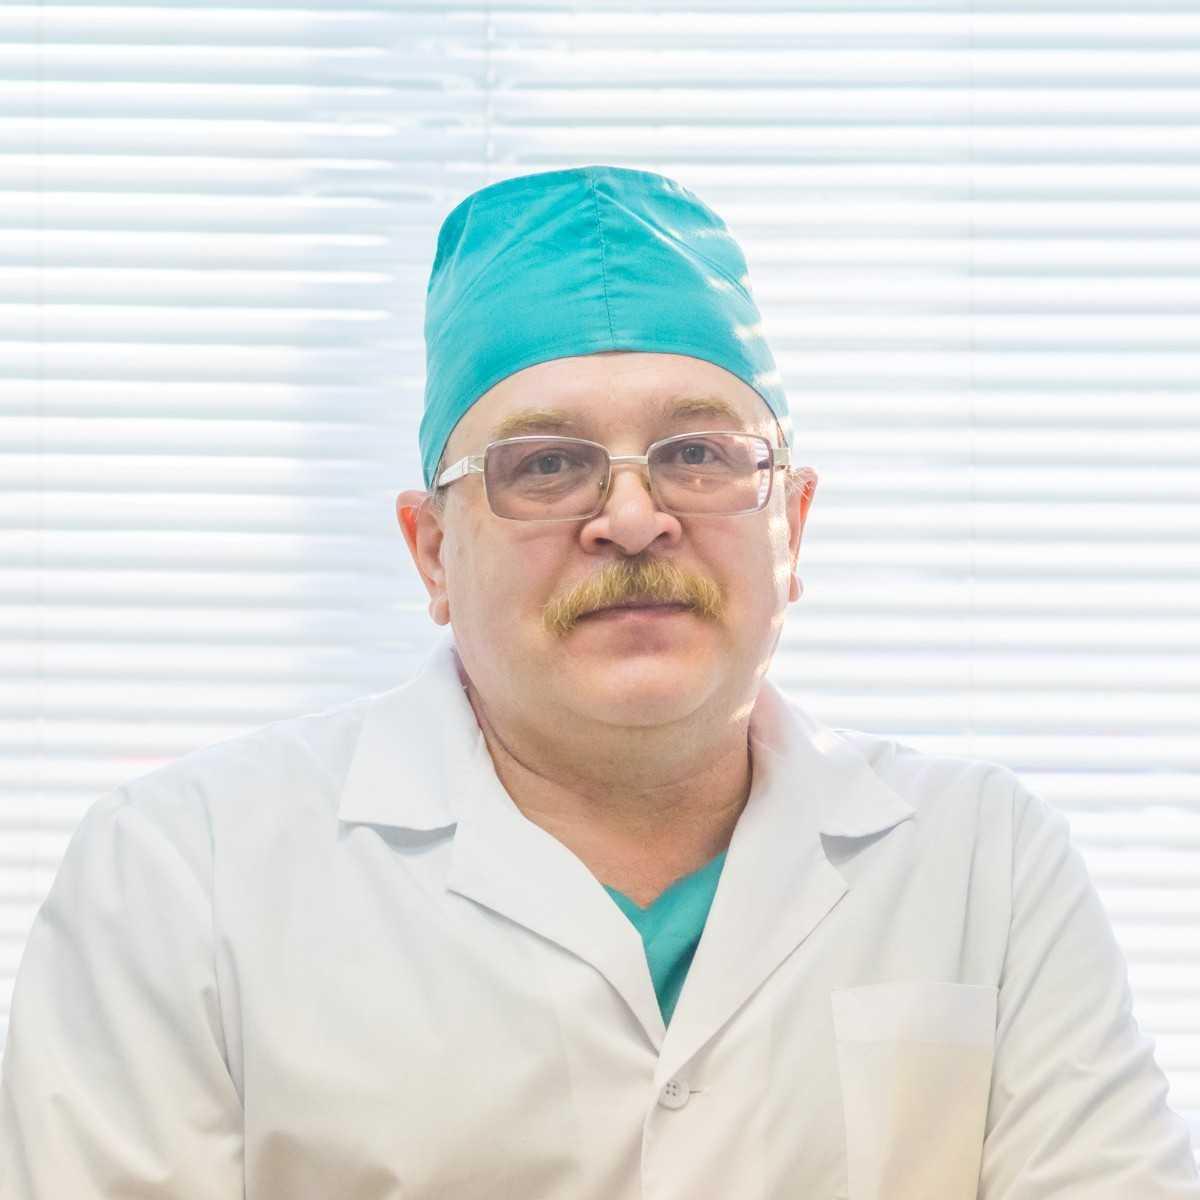 Блинов Вячеслав Германович - фотография